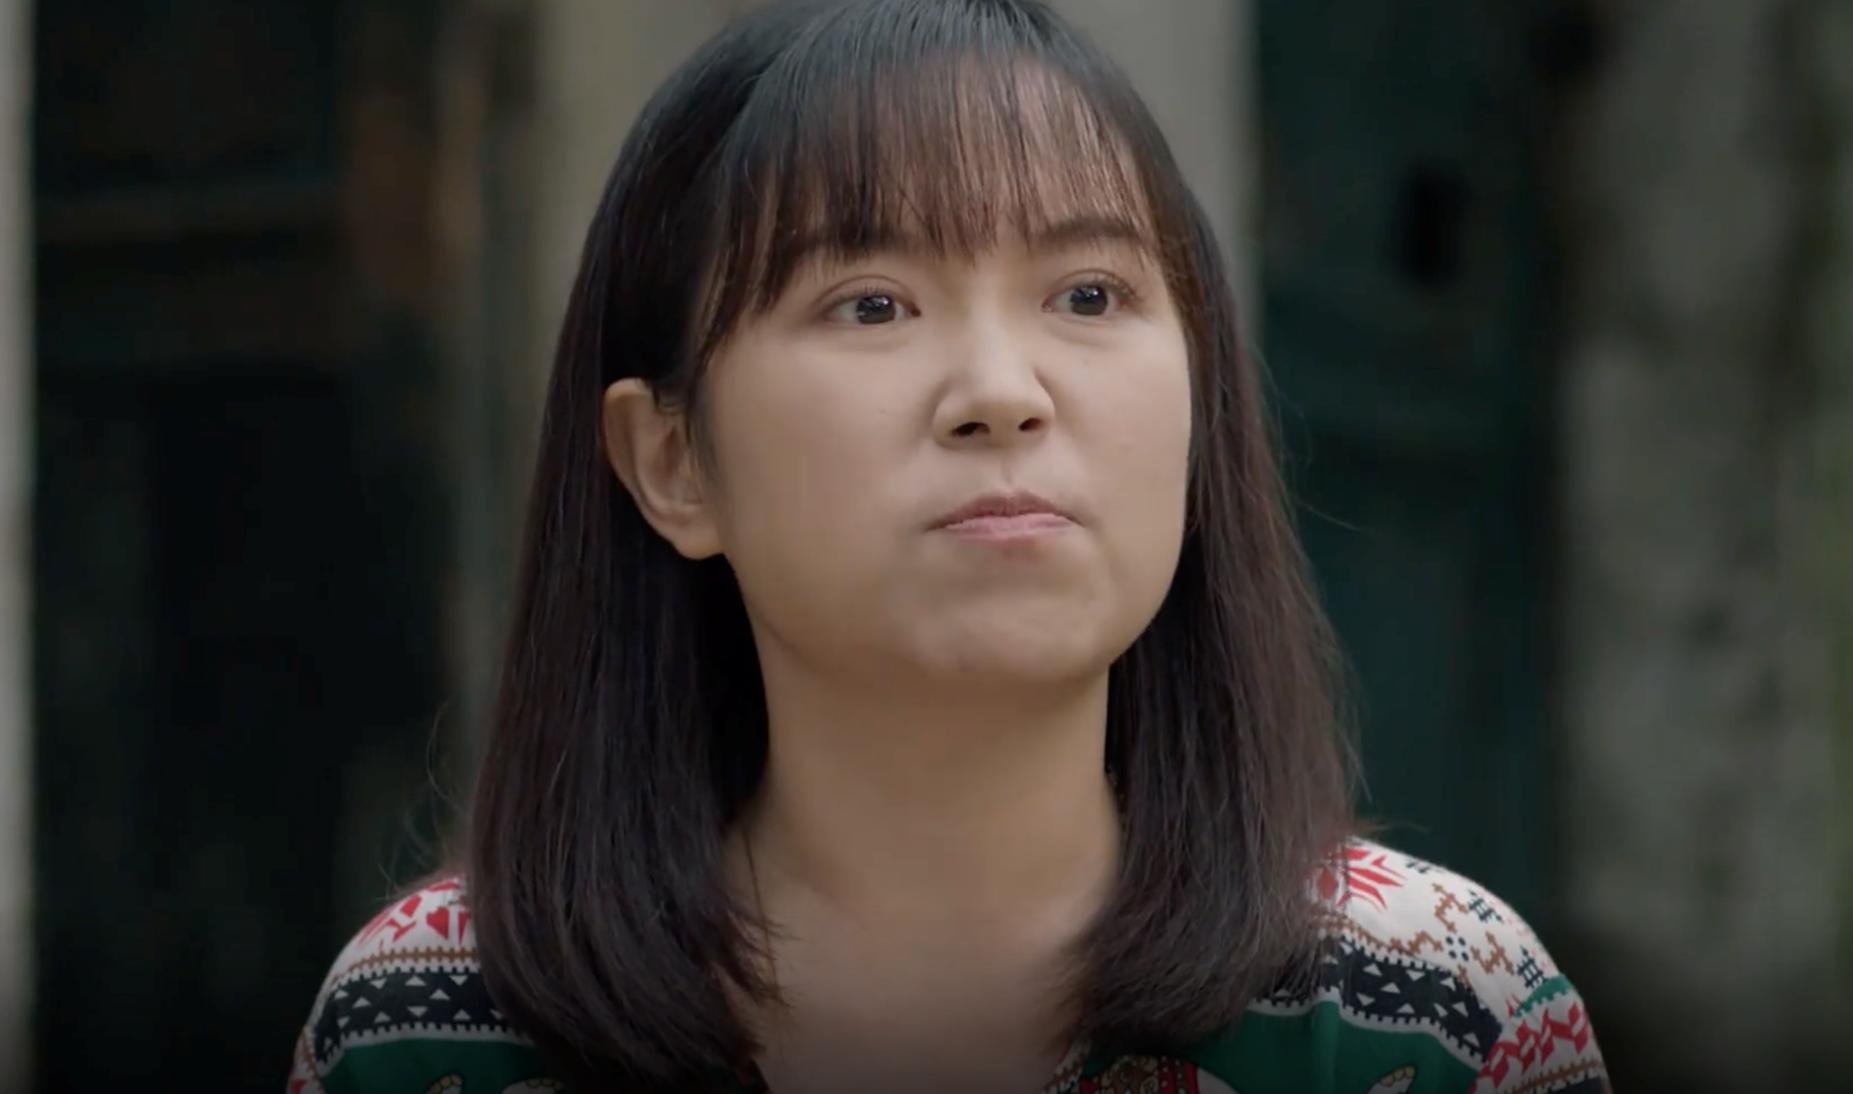 Chuyện đời Công Lý gói gọn trong 1 clip khiến dân mạng ngã ngửa: Người yêu bị giết, buồn tình lên núi ở, nhận em gái làm... con-3